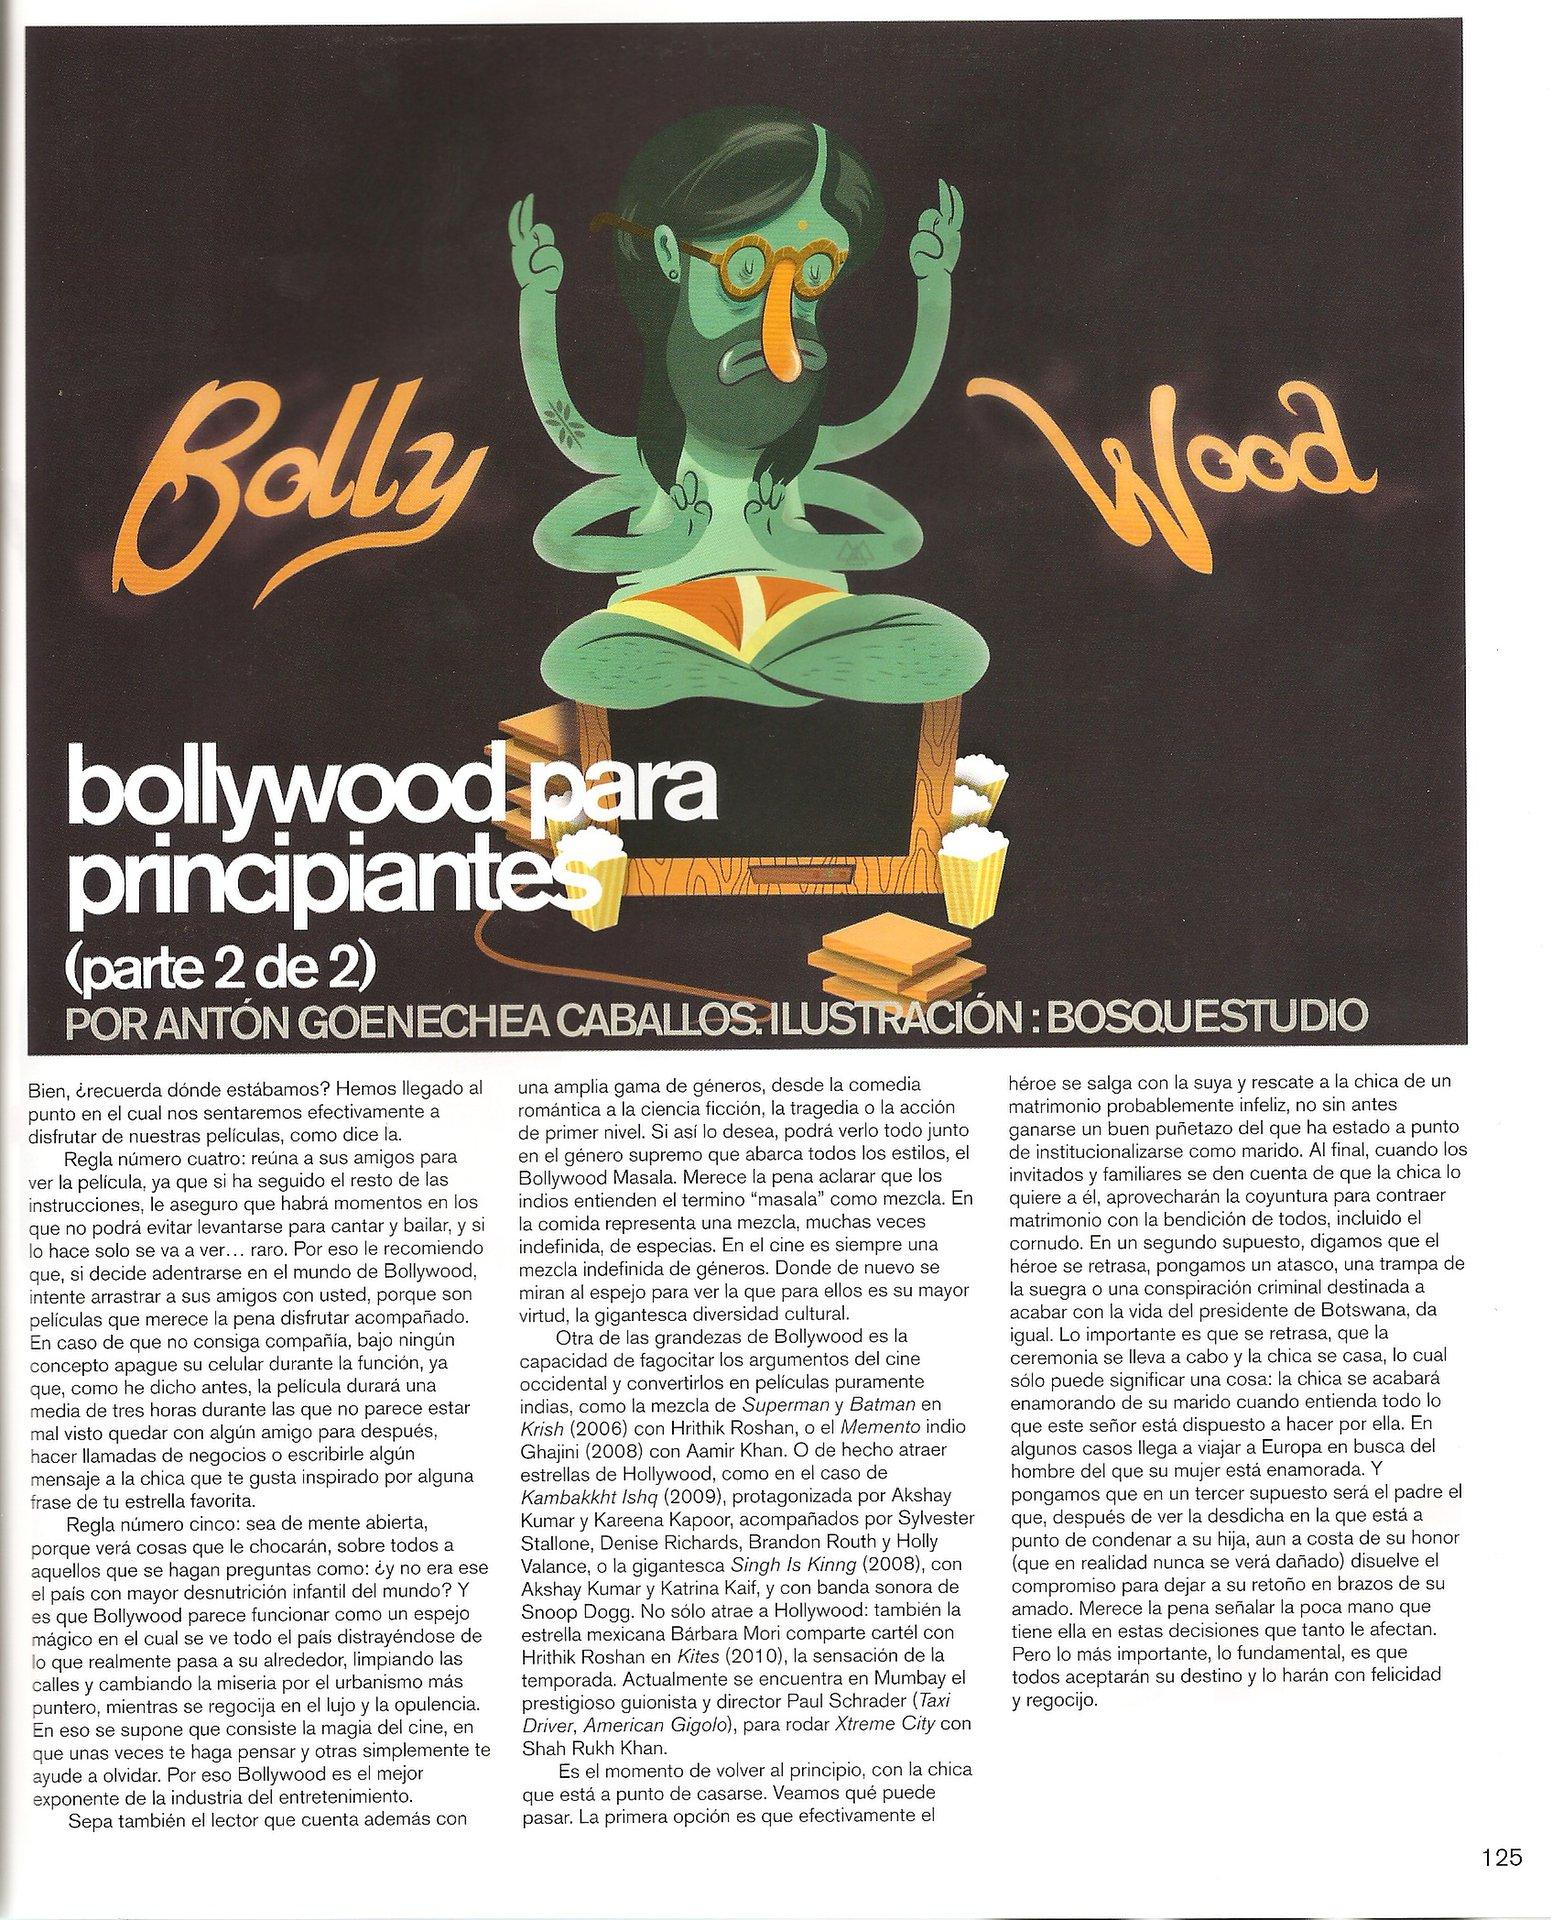 Bollywood para principiantes (2/2)